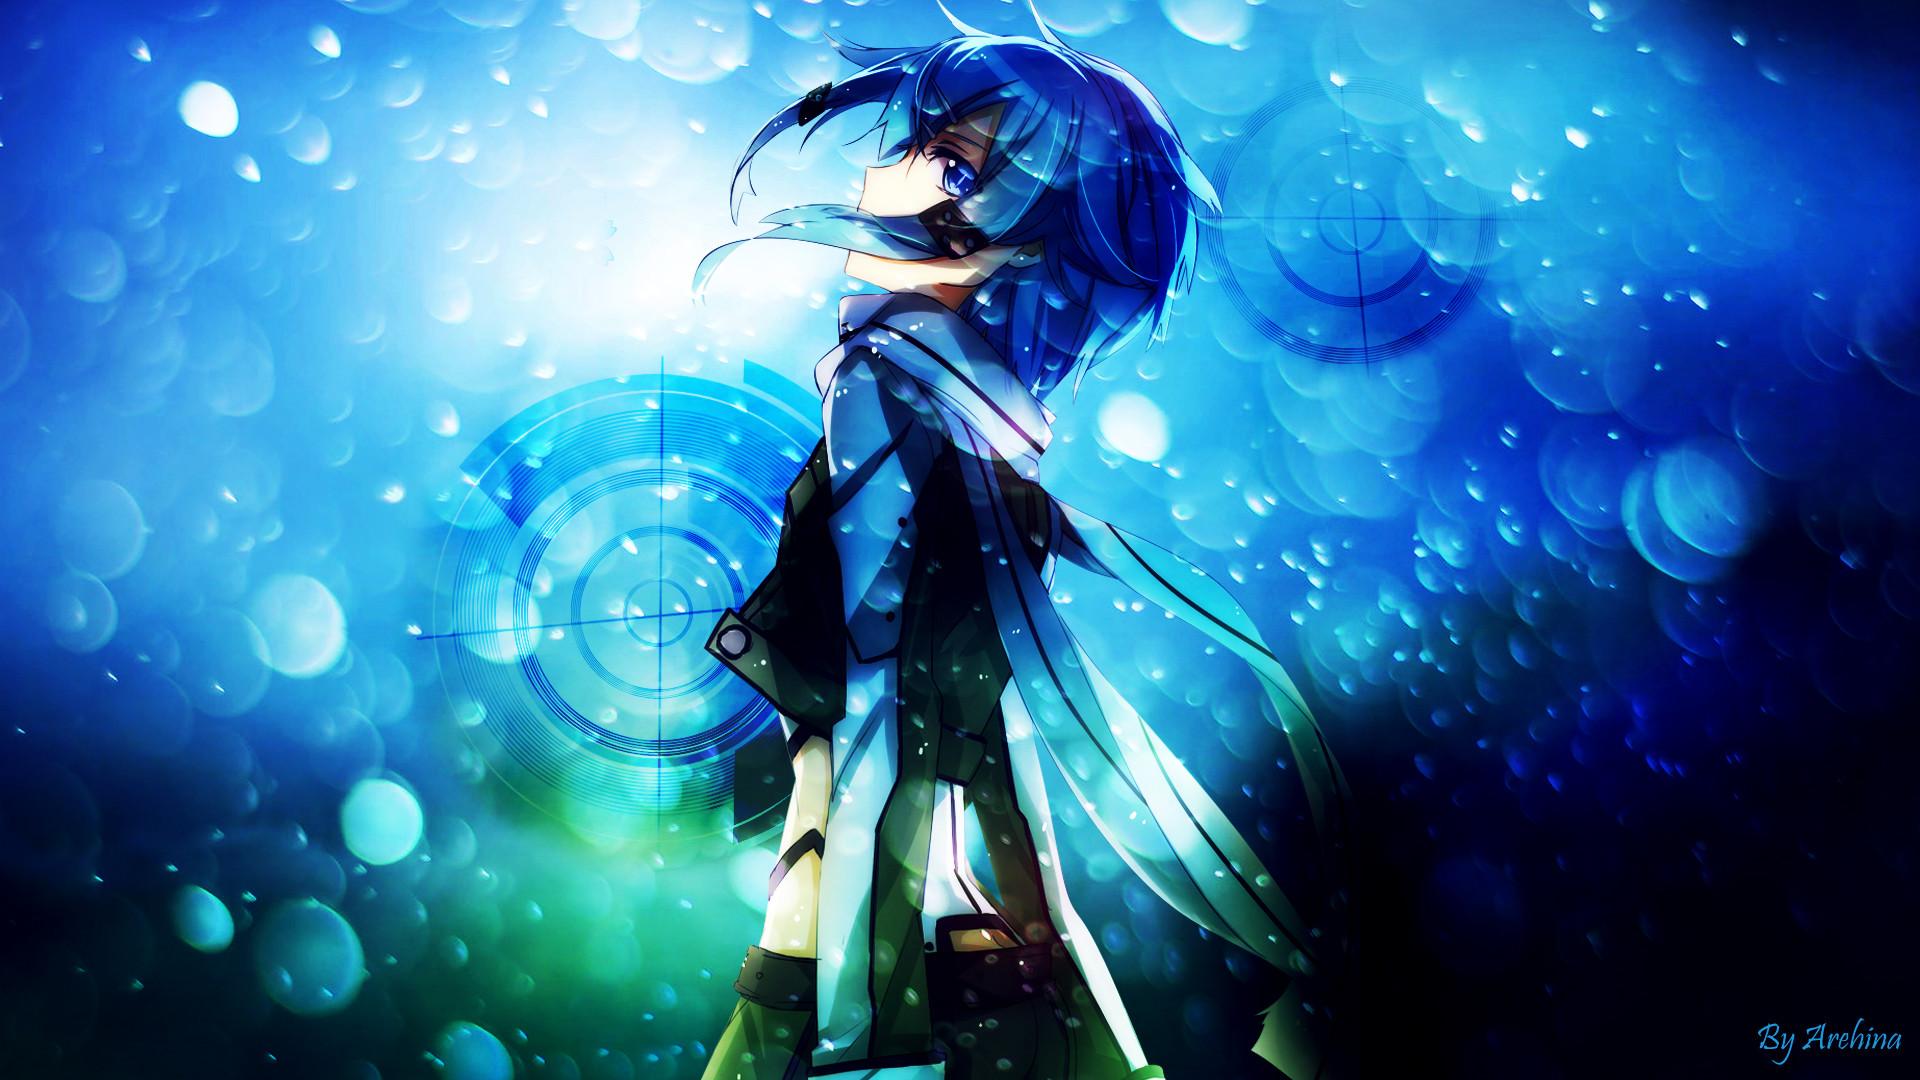 Anime Sniper Girl Wallpaper Hd Sword Art Online Sinon Wallpaper 76 Images